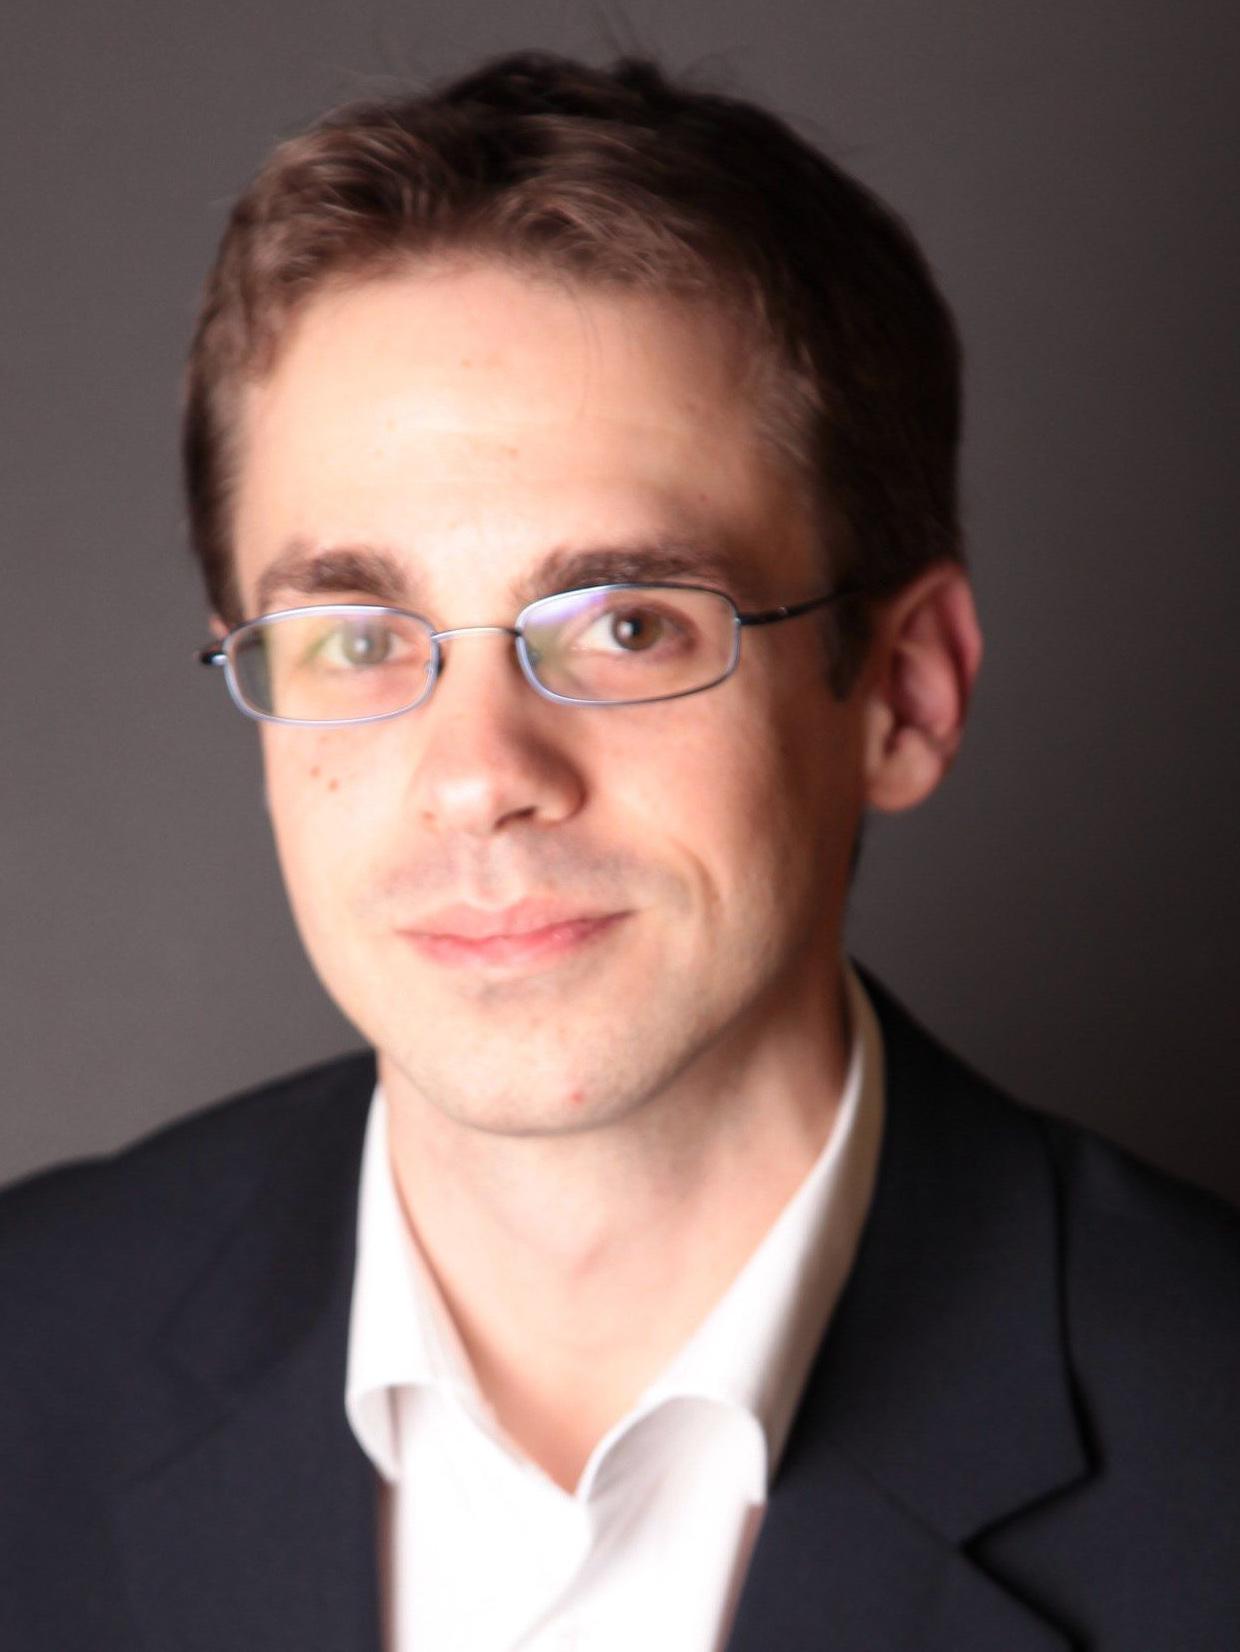 Markus Birkle